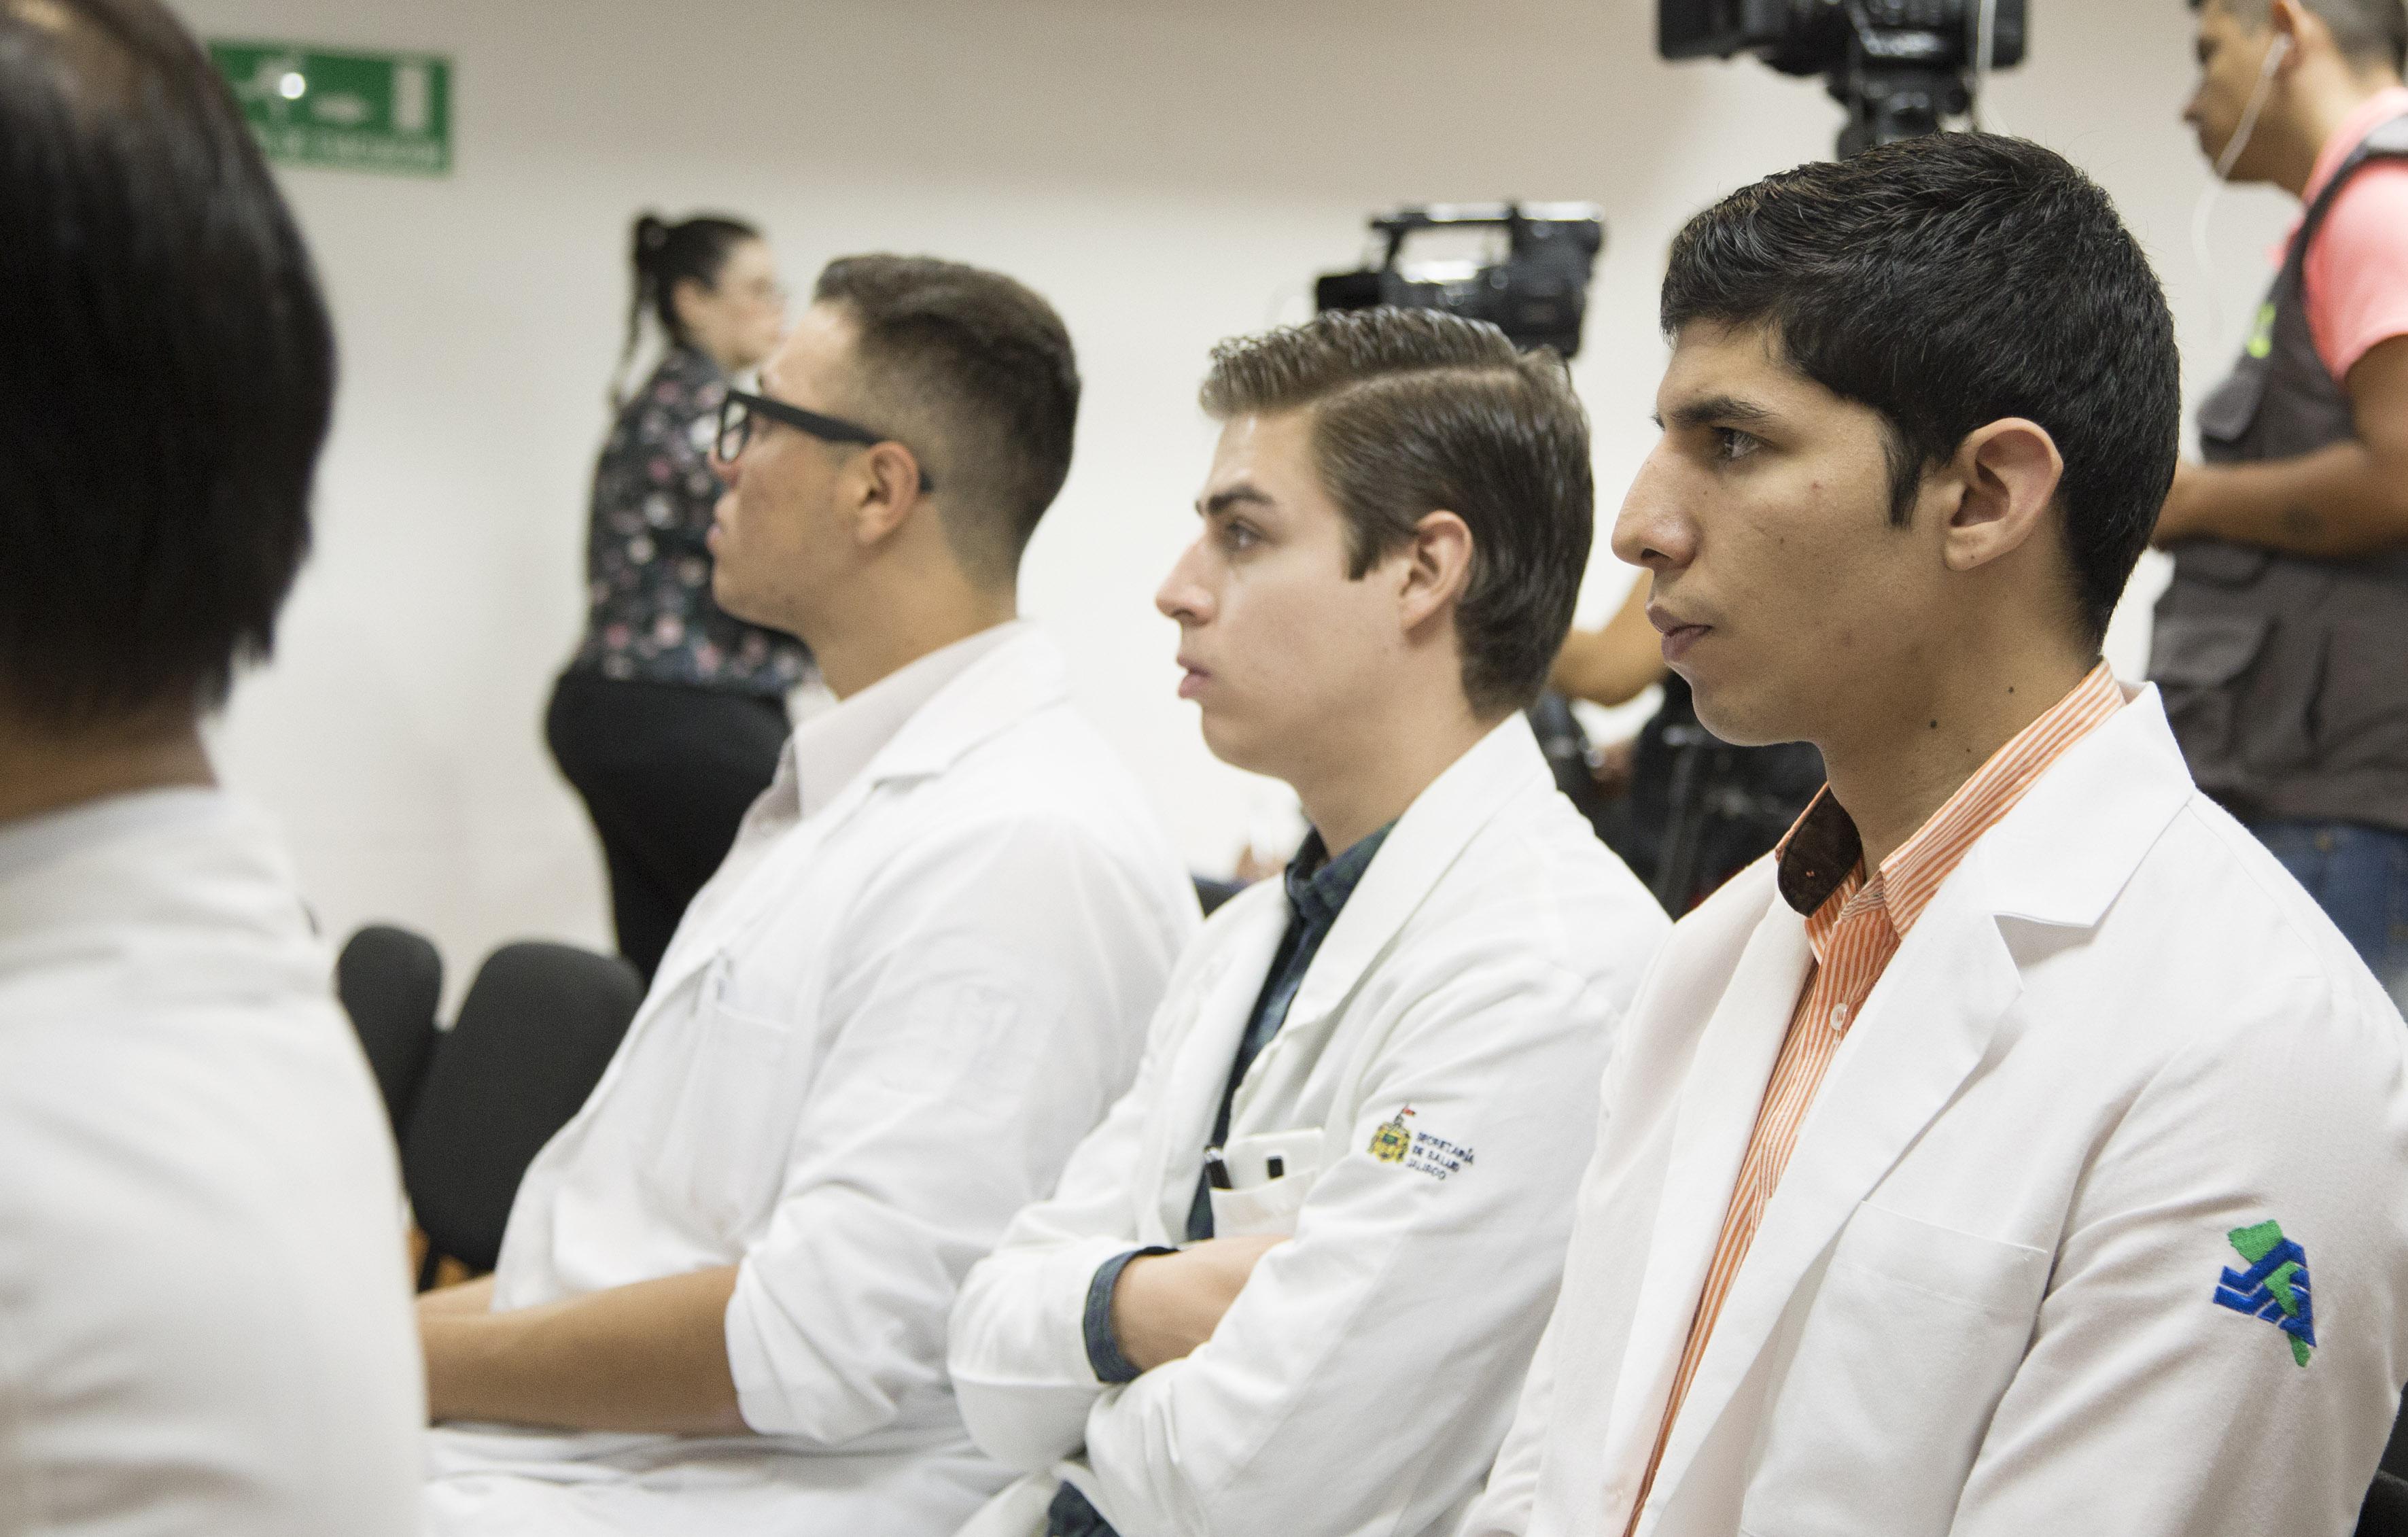 Medicos asistentes a la rueda de prensa